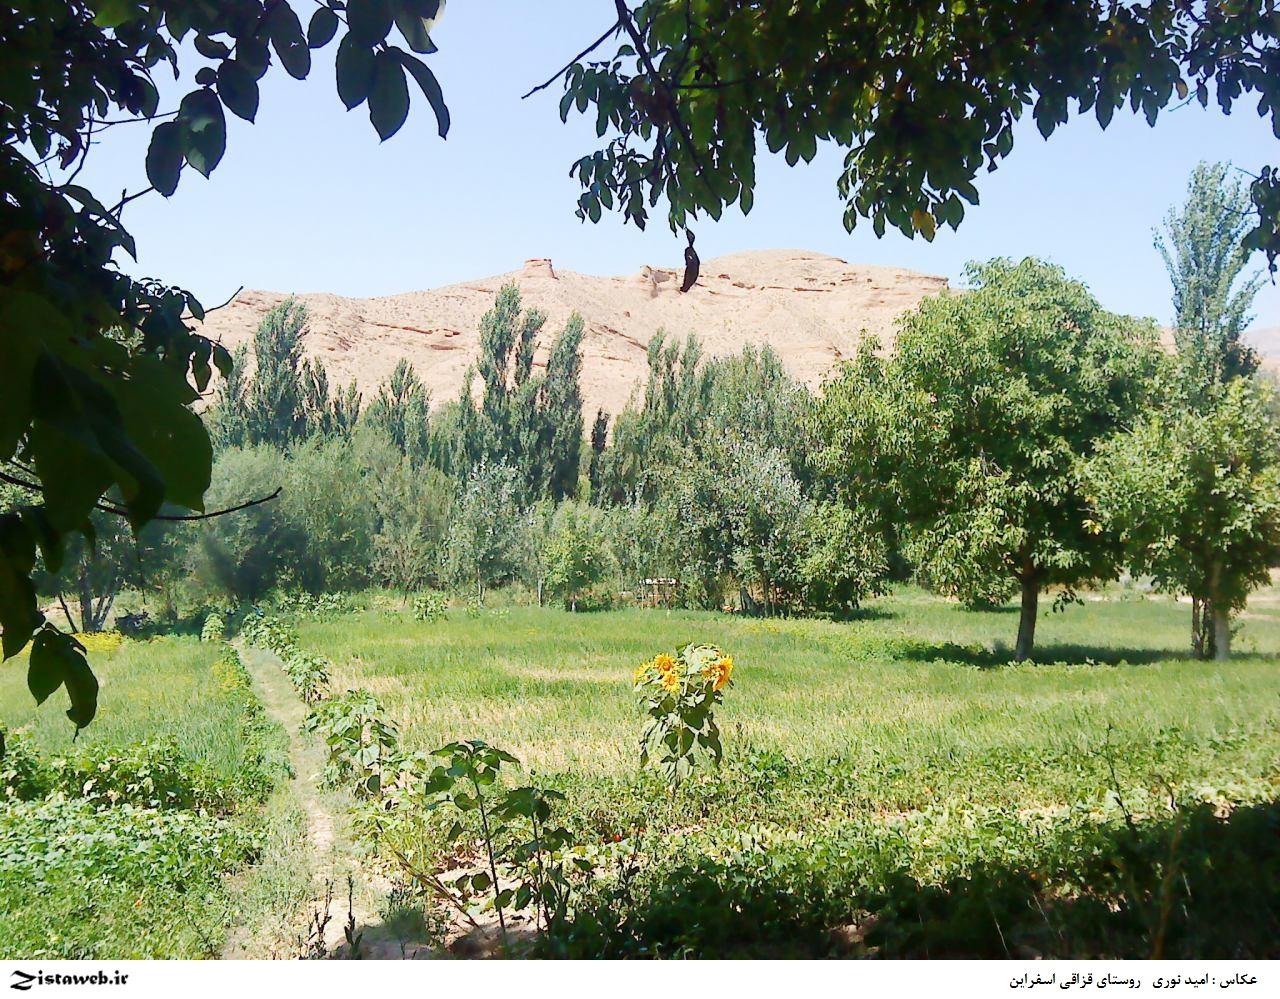 عکس های زیبا از روستای قزاقی اسفراین / عکاس : امید نوری